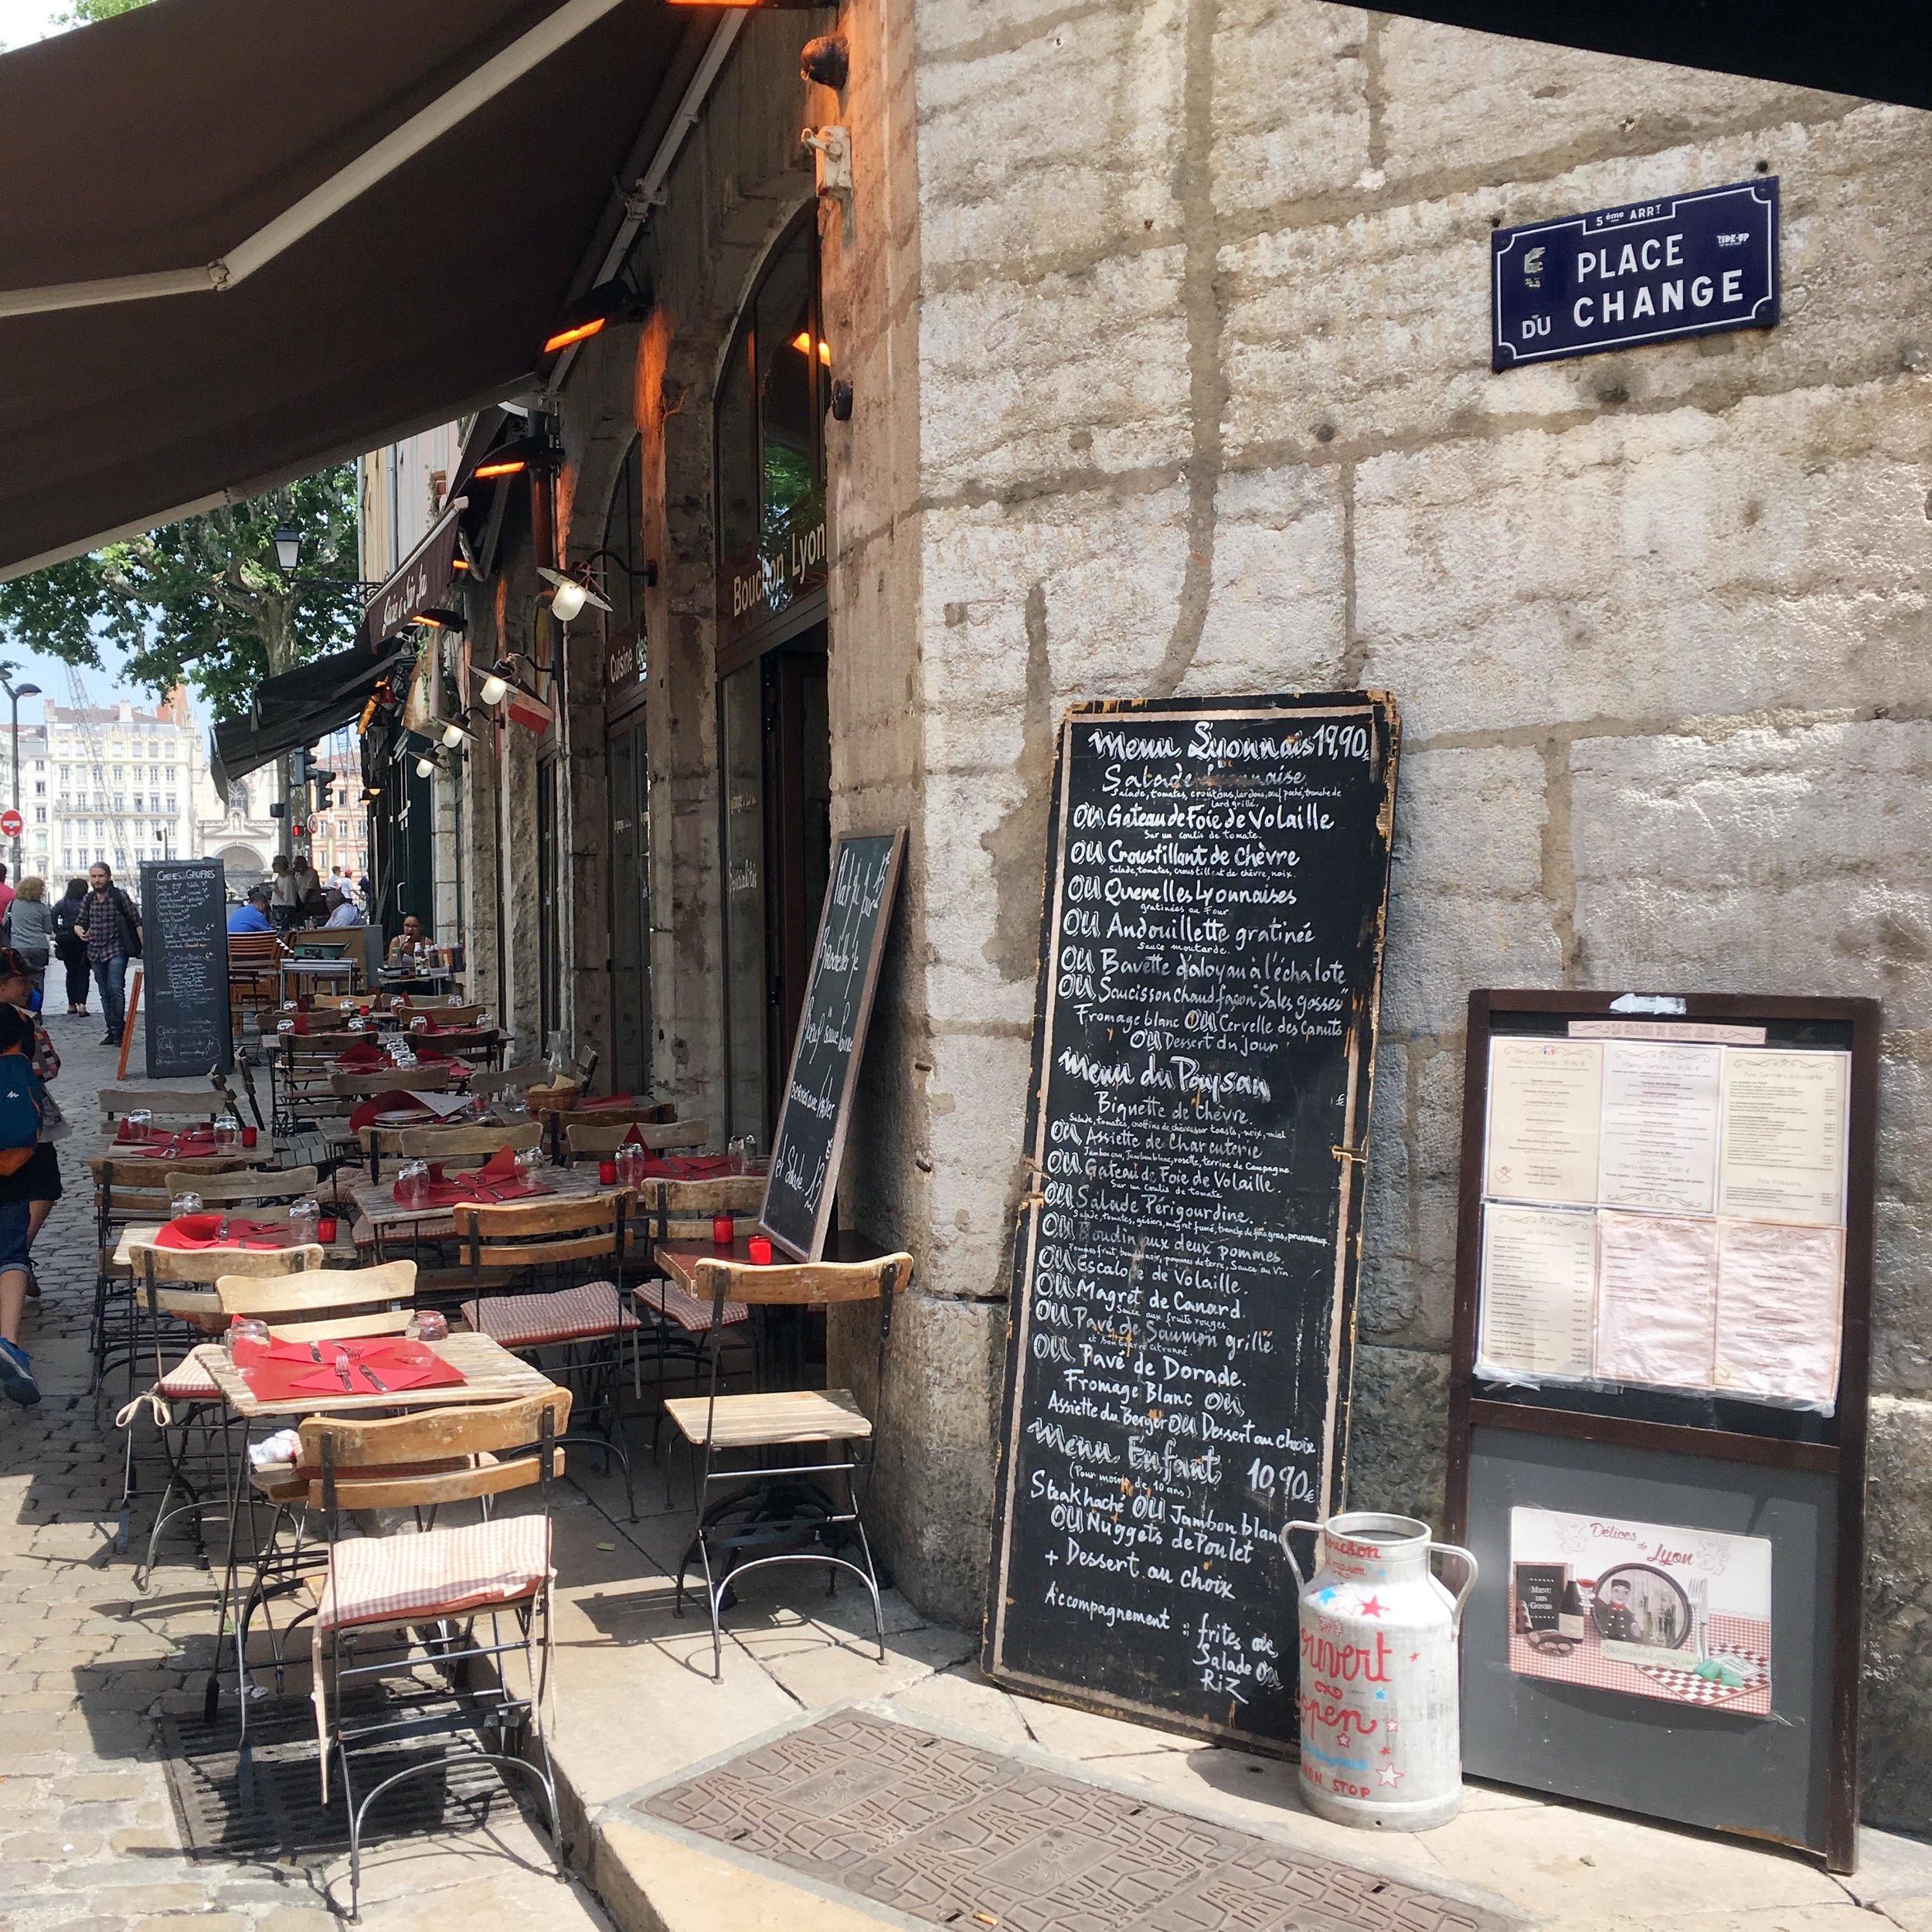 lyon france cafe.jpg